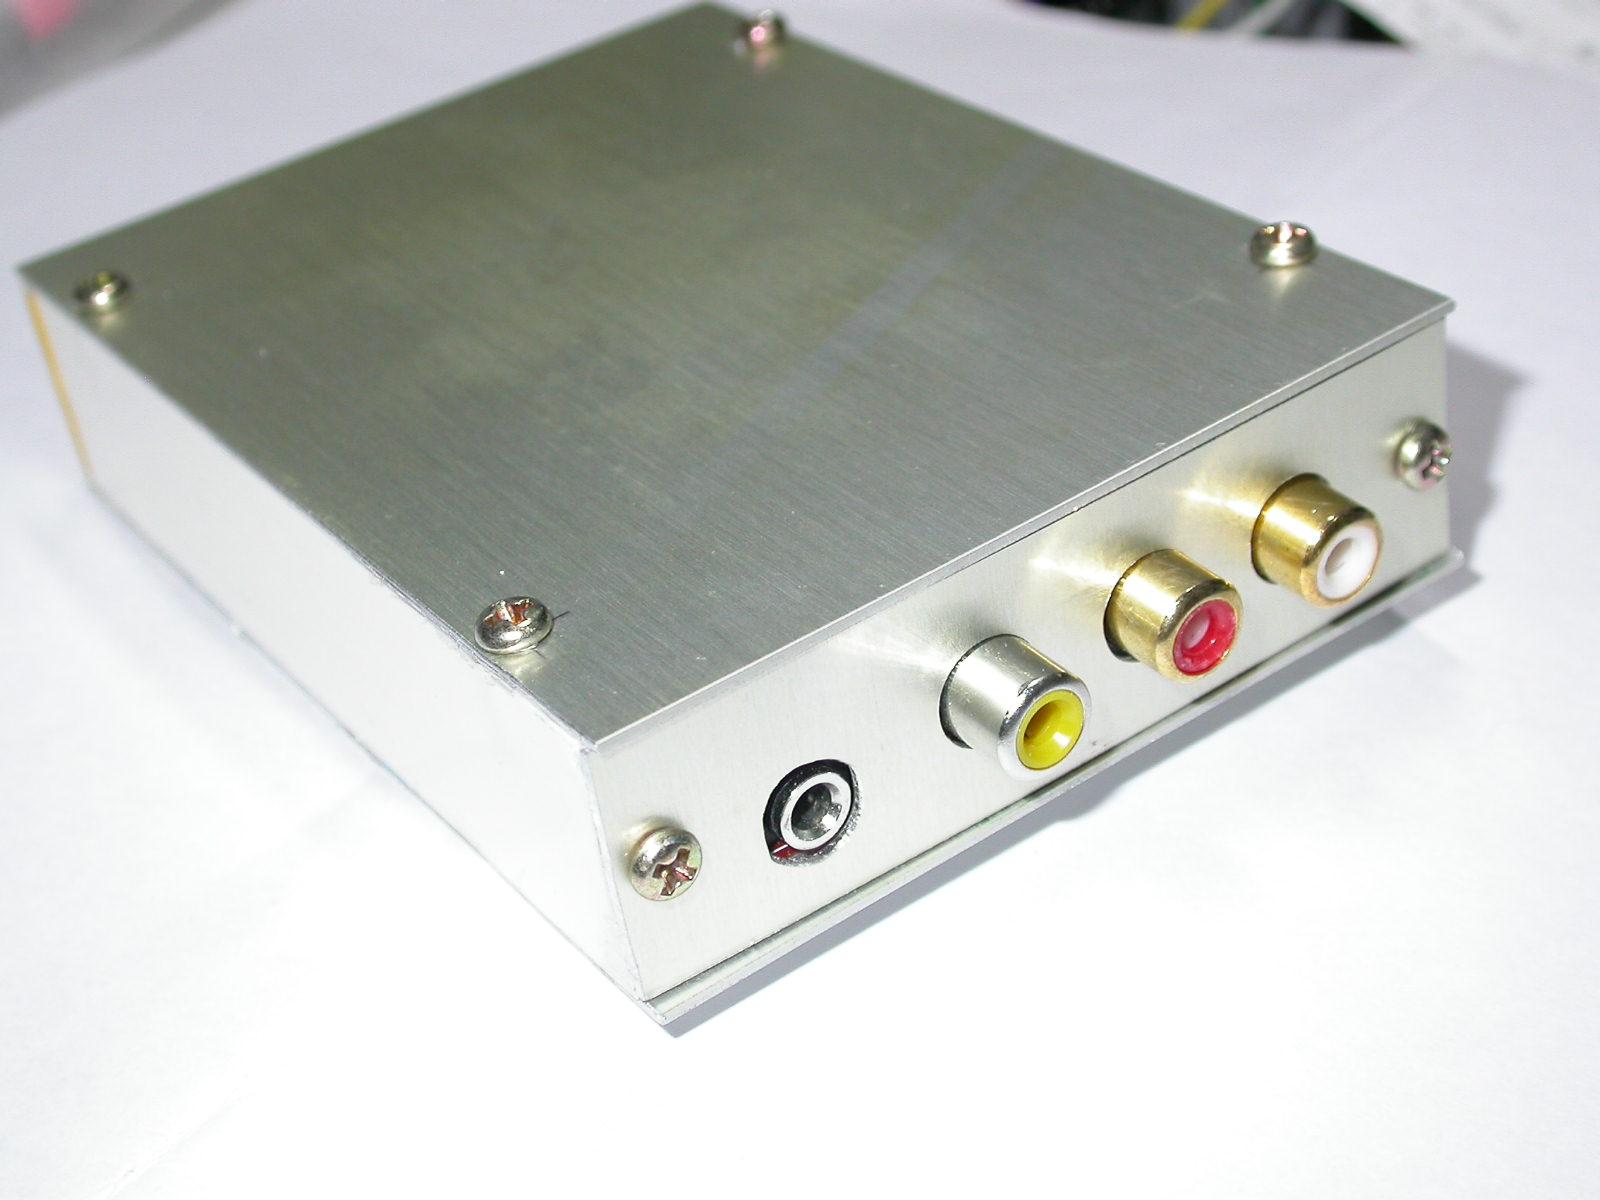 DSCN4781.JPG